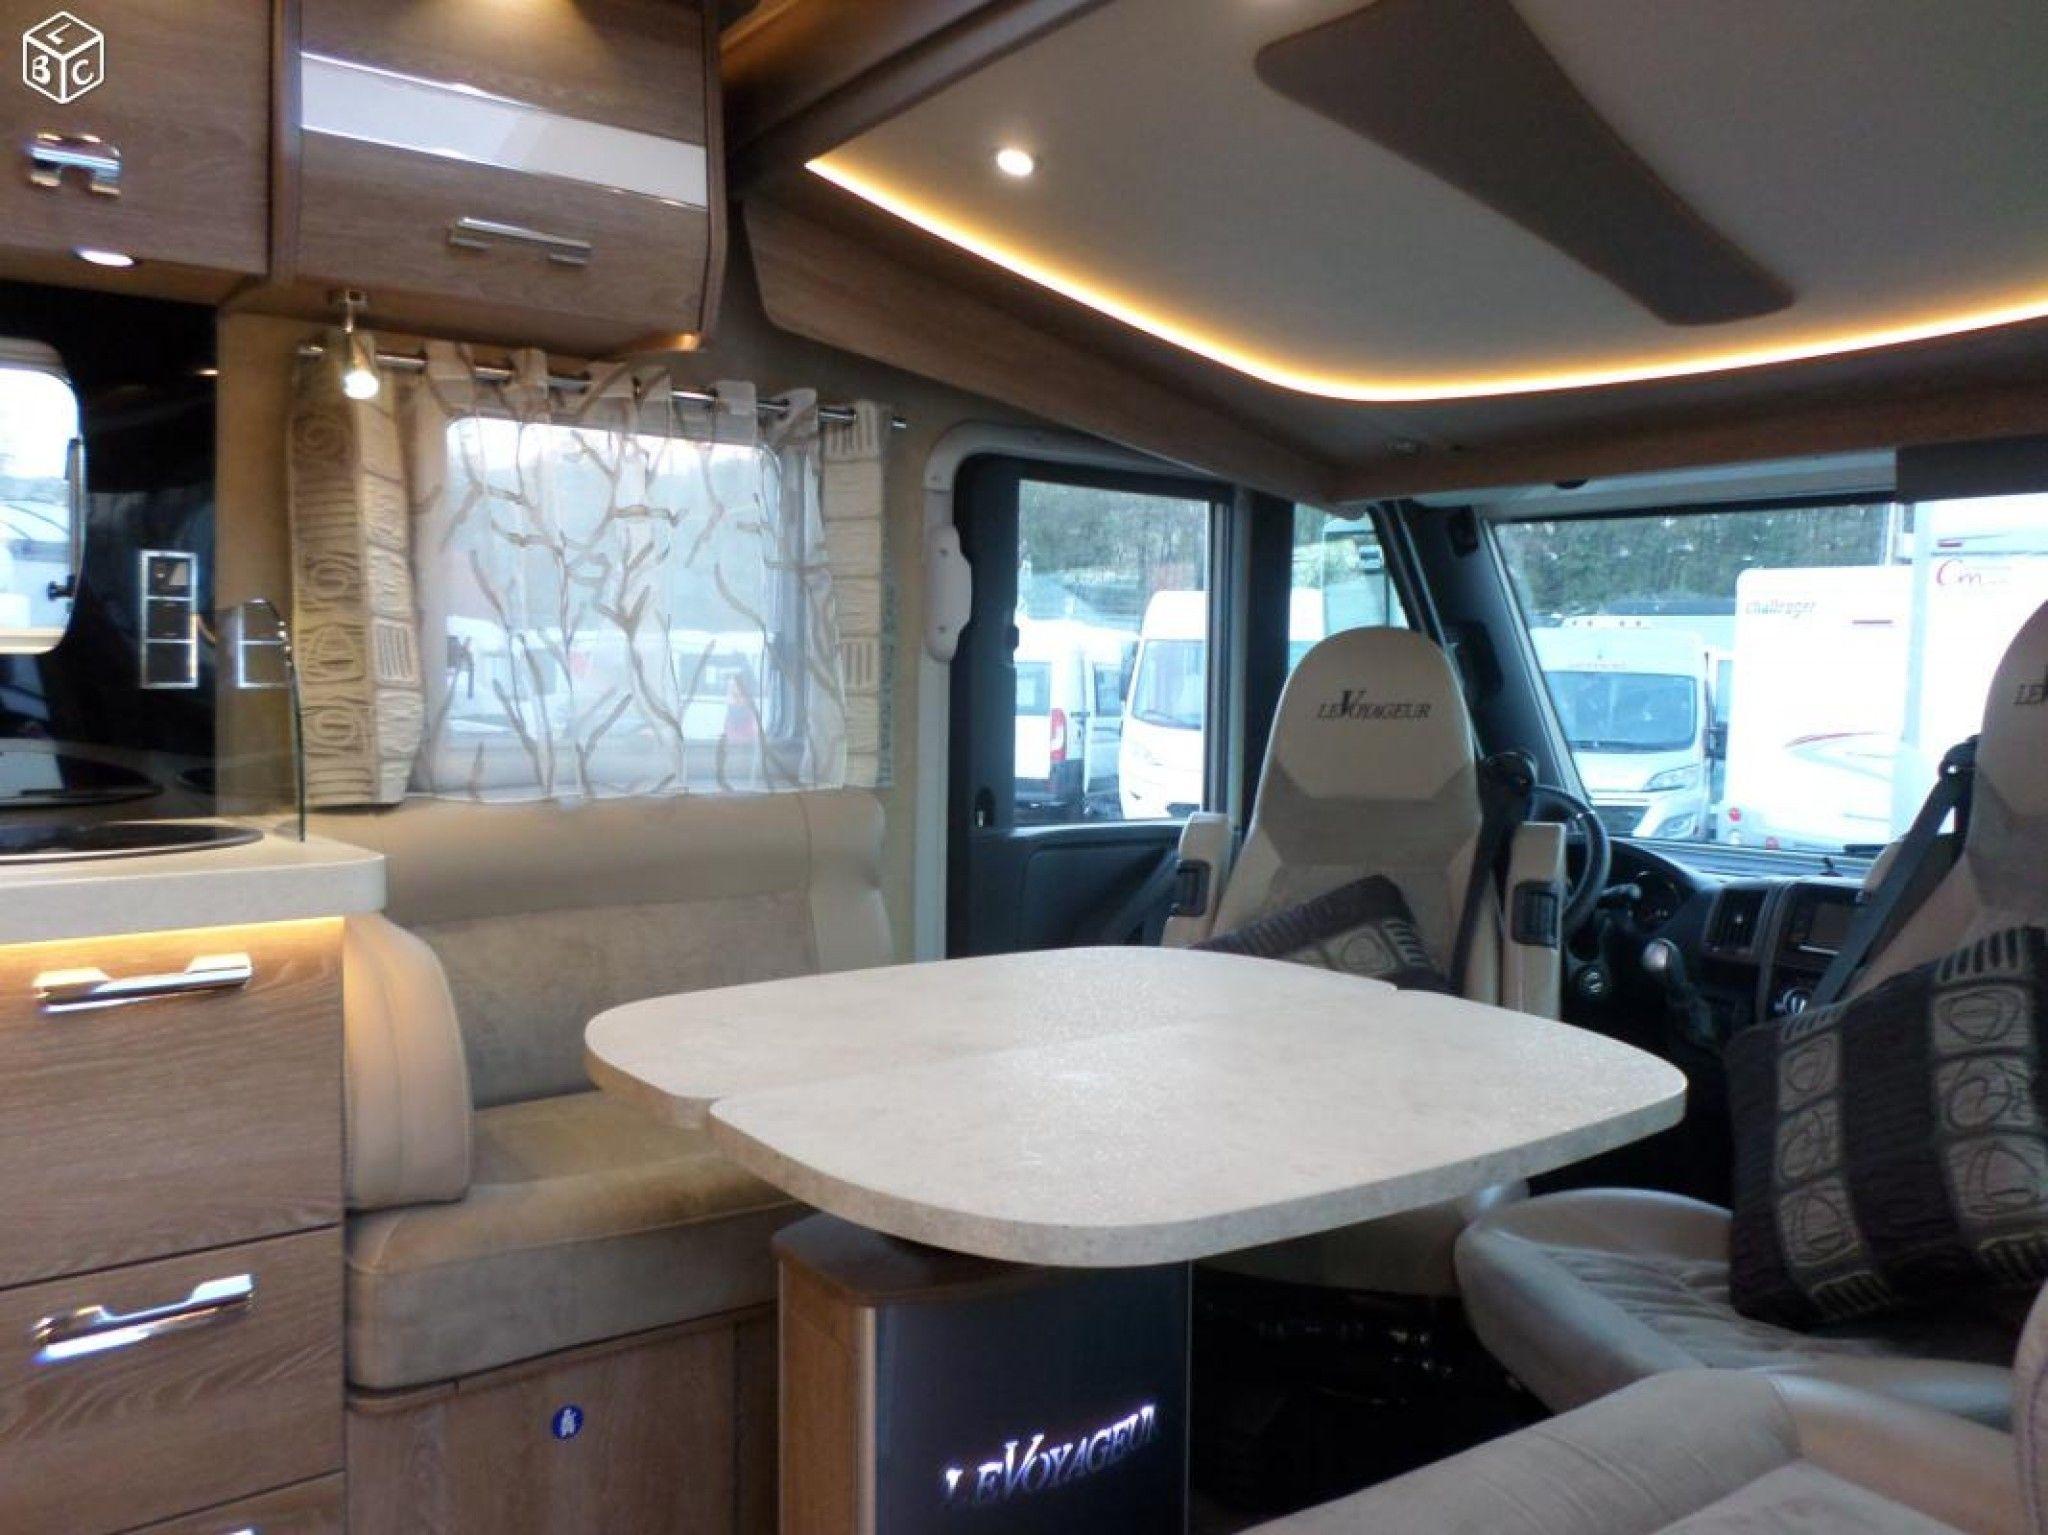 le voyageur lv 86 lj occasion de 2015 - fiat - camping car en vente  u00e0 voglans  savoie